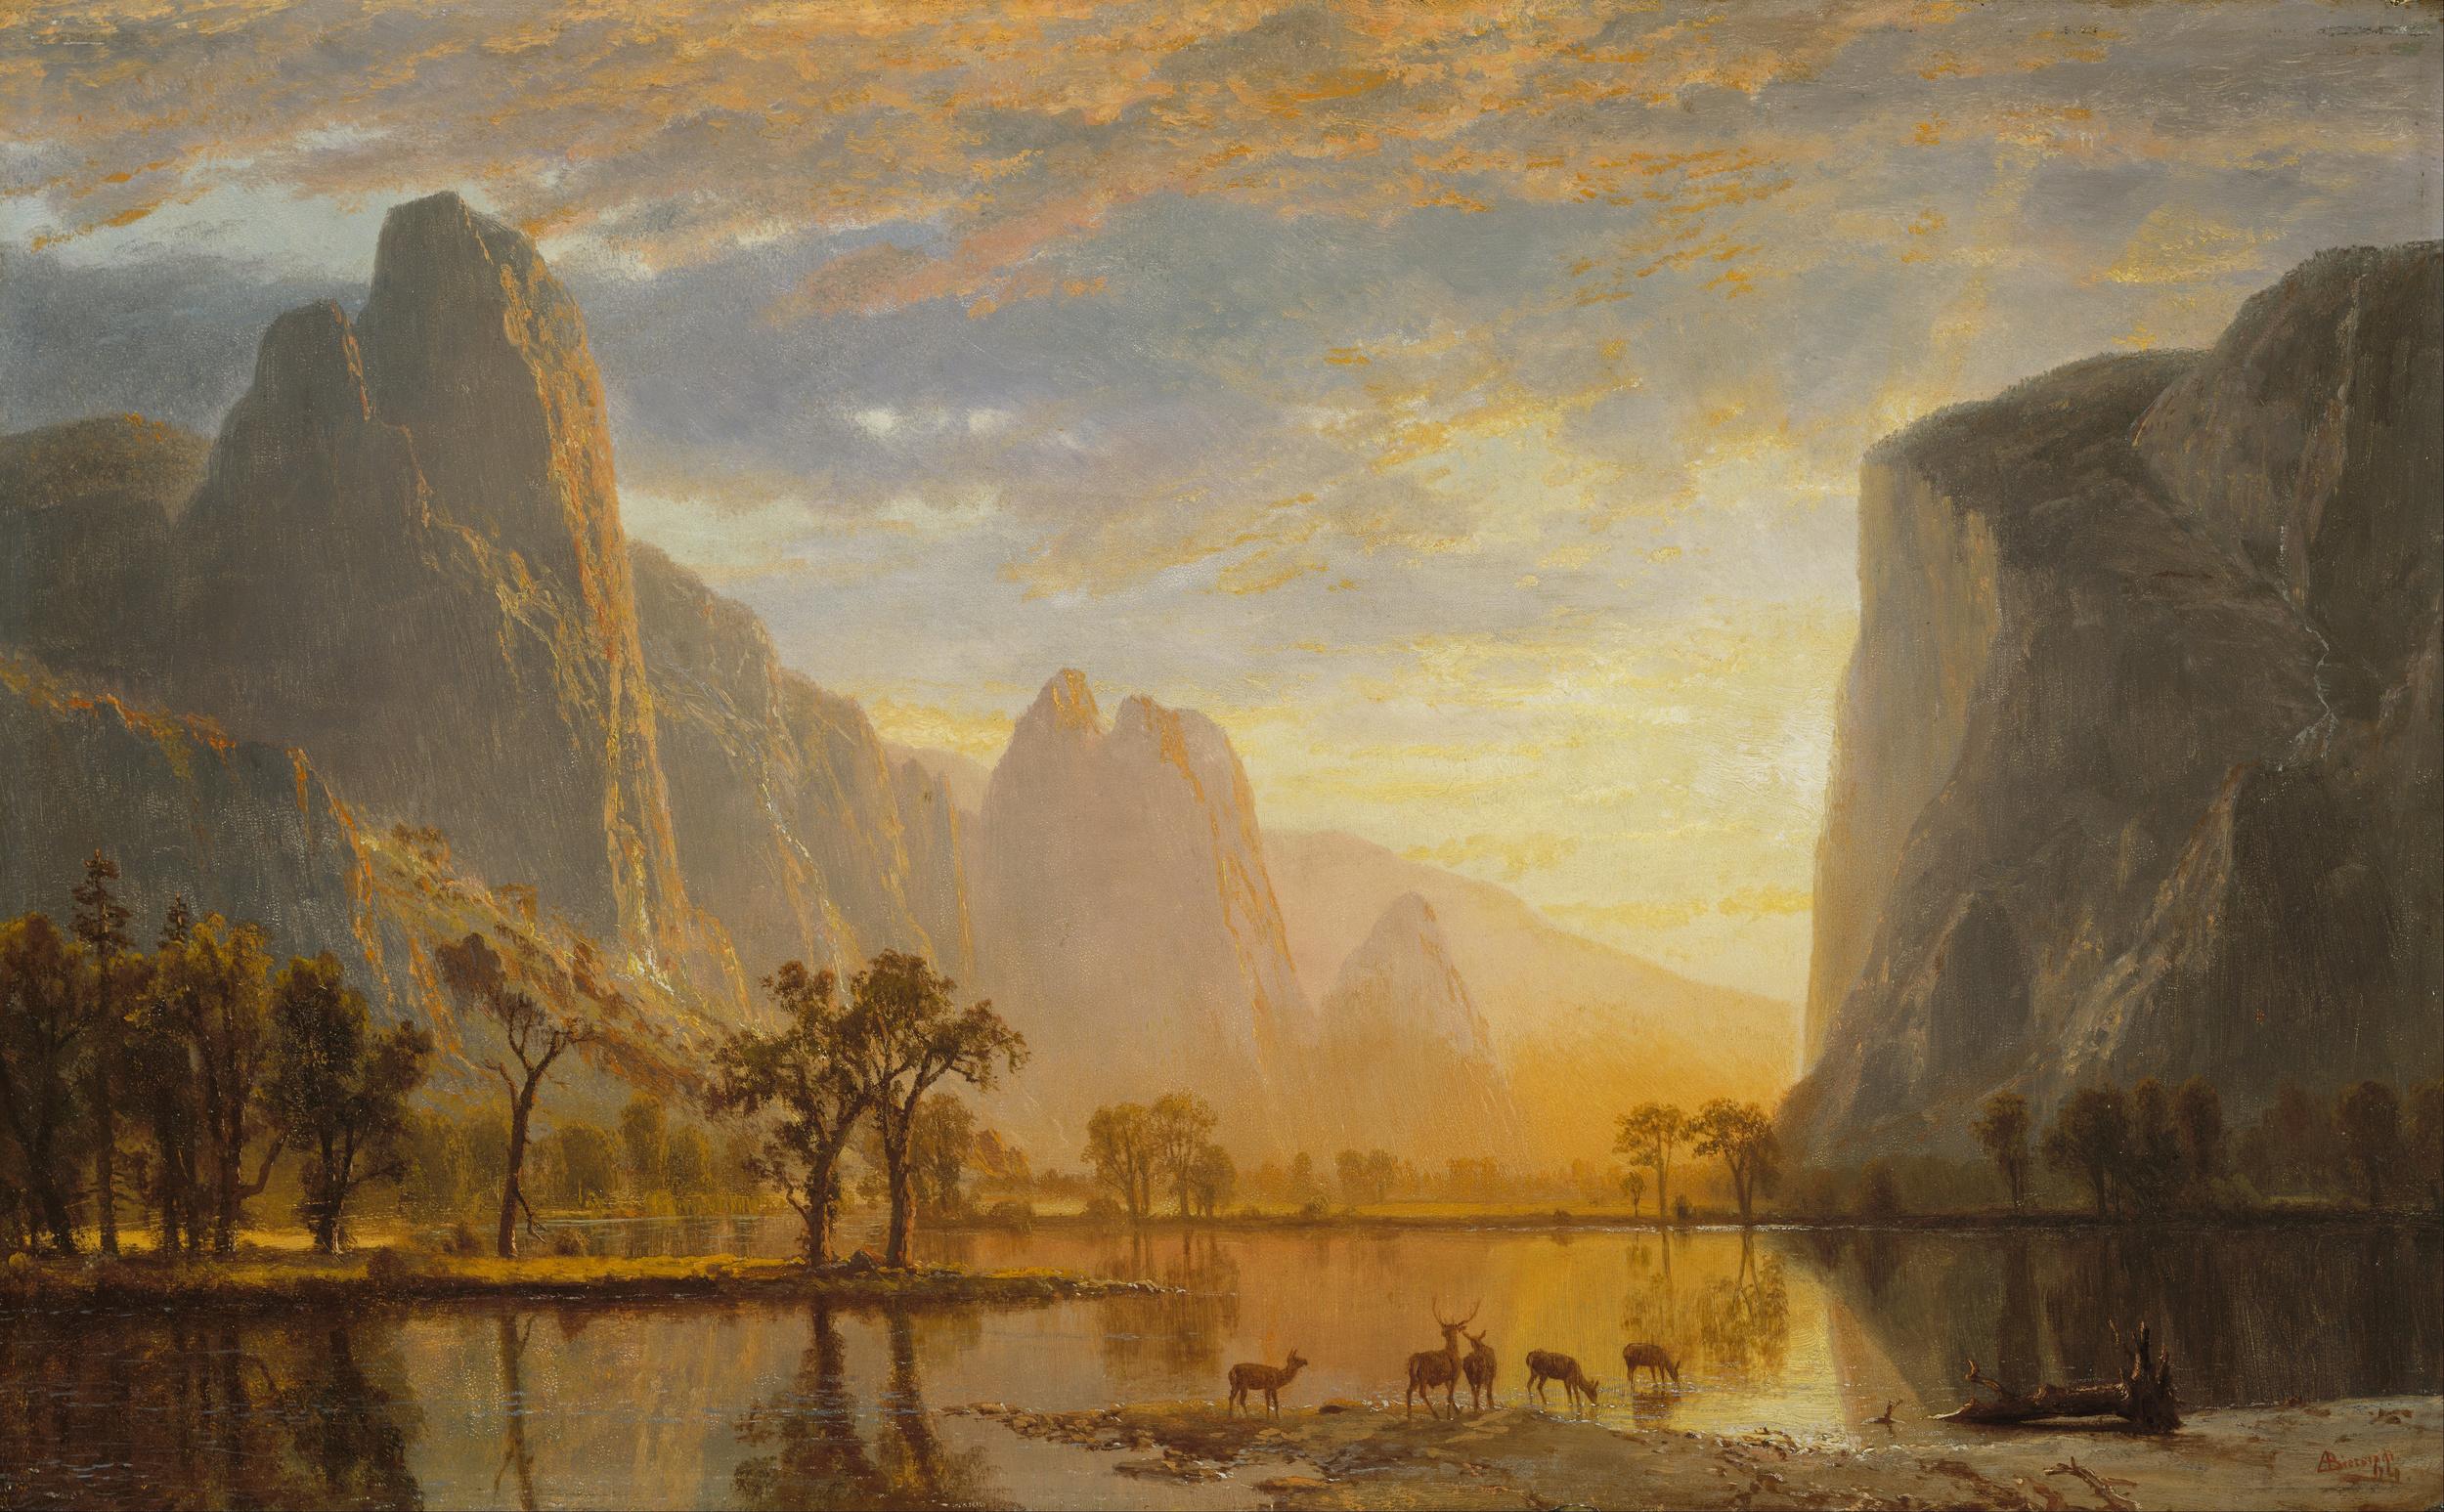 Albert Bierstadt's Valley of the Yosemite